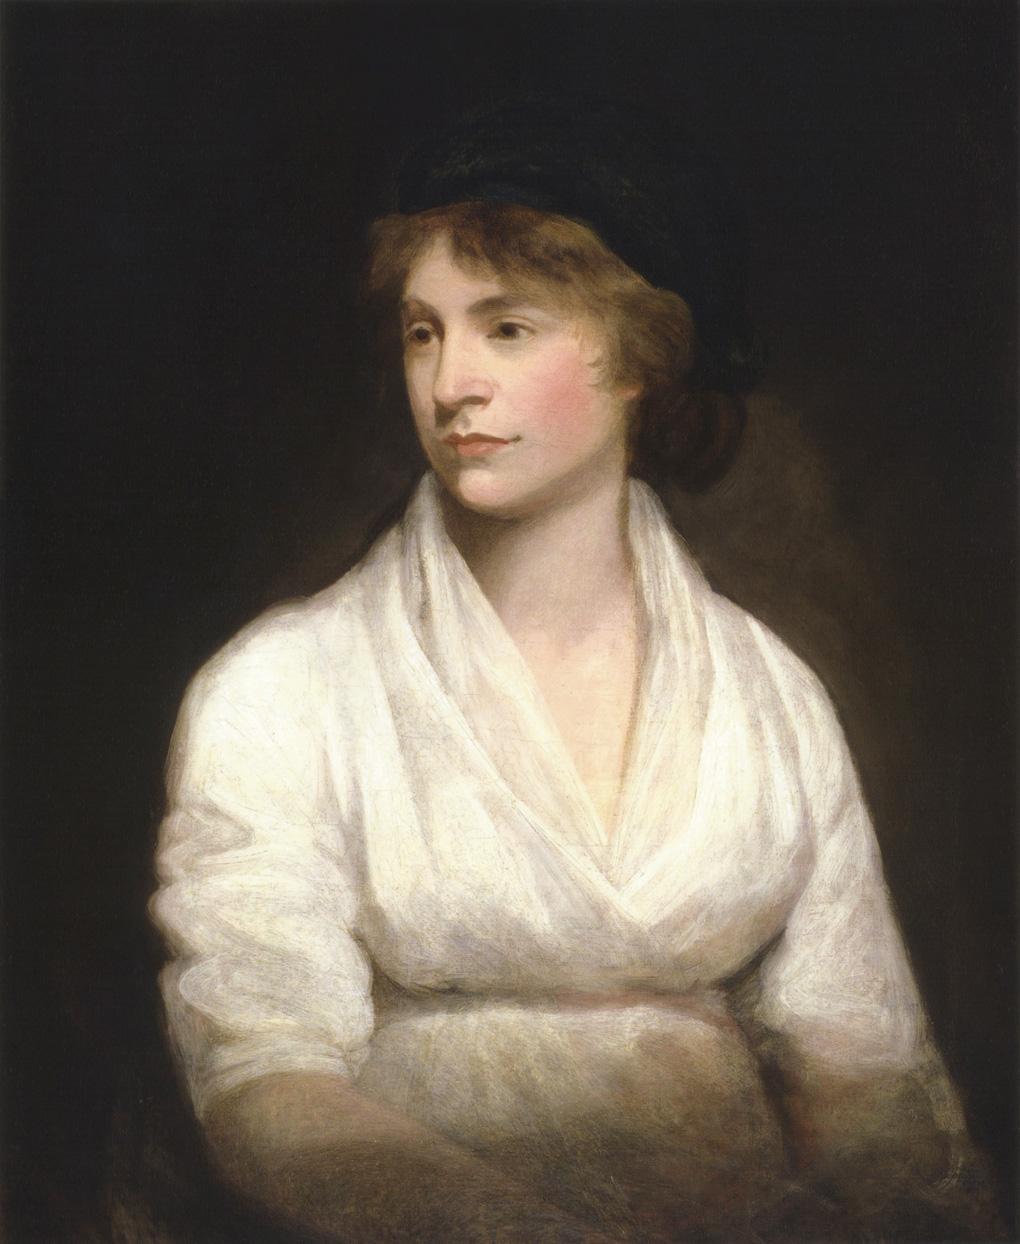 Mary-Wollstonecraft-diritti-della-donna